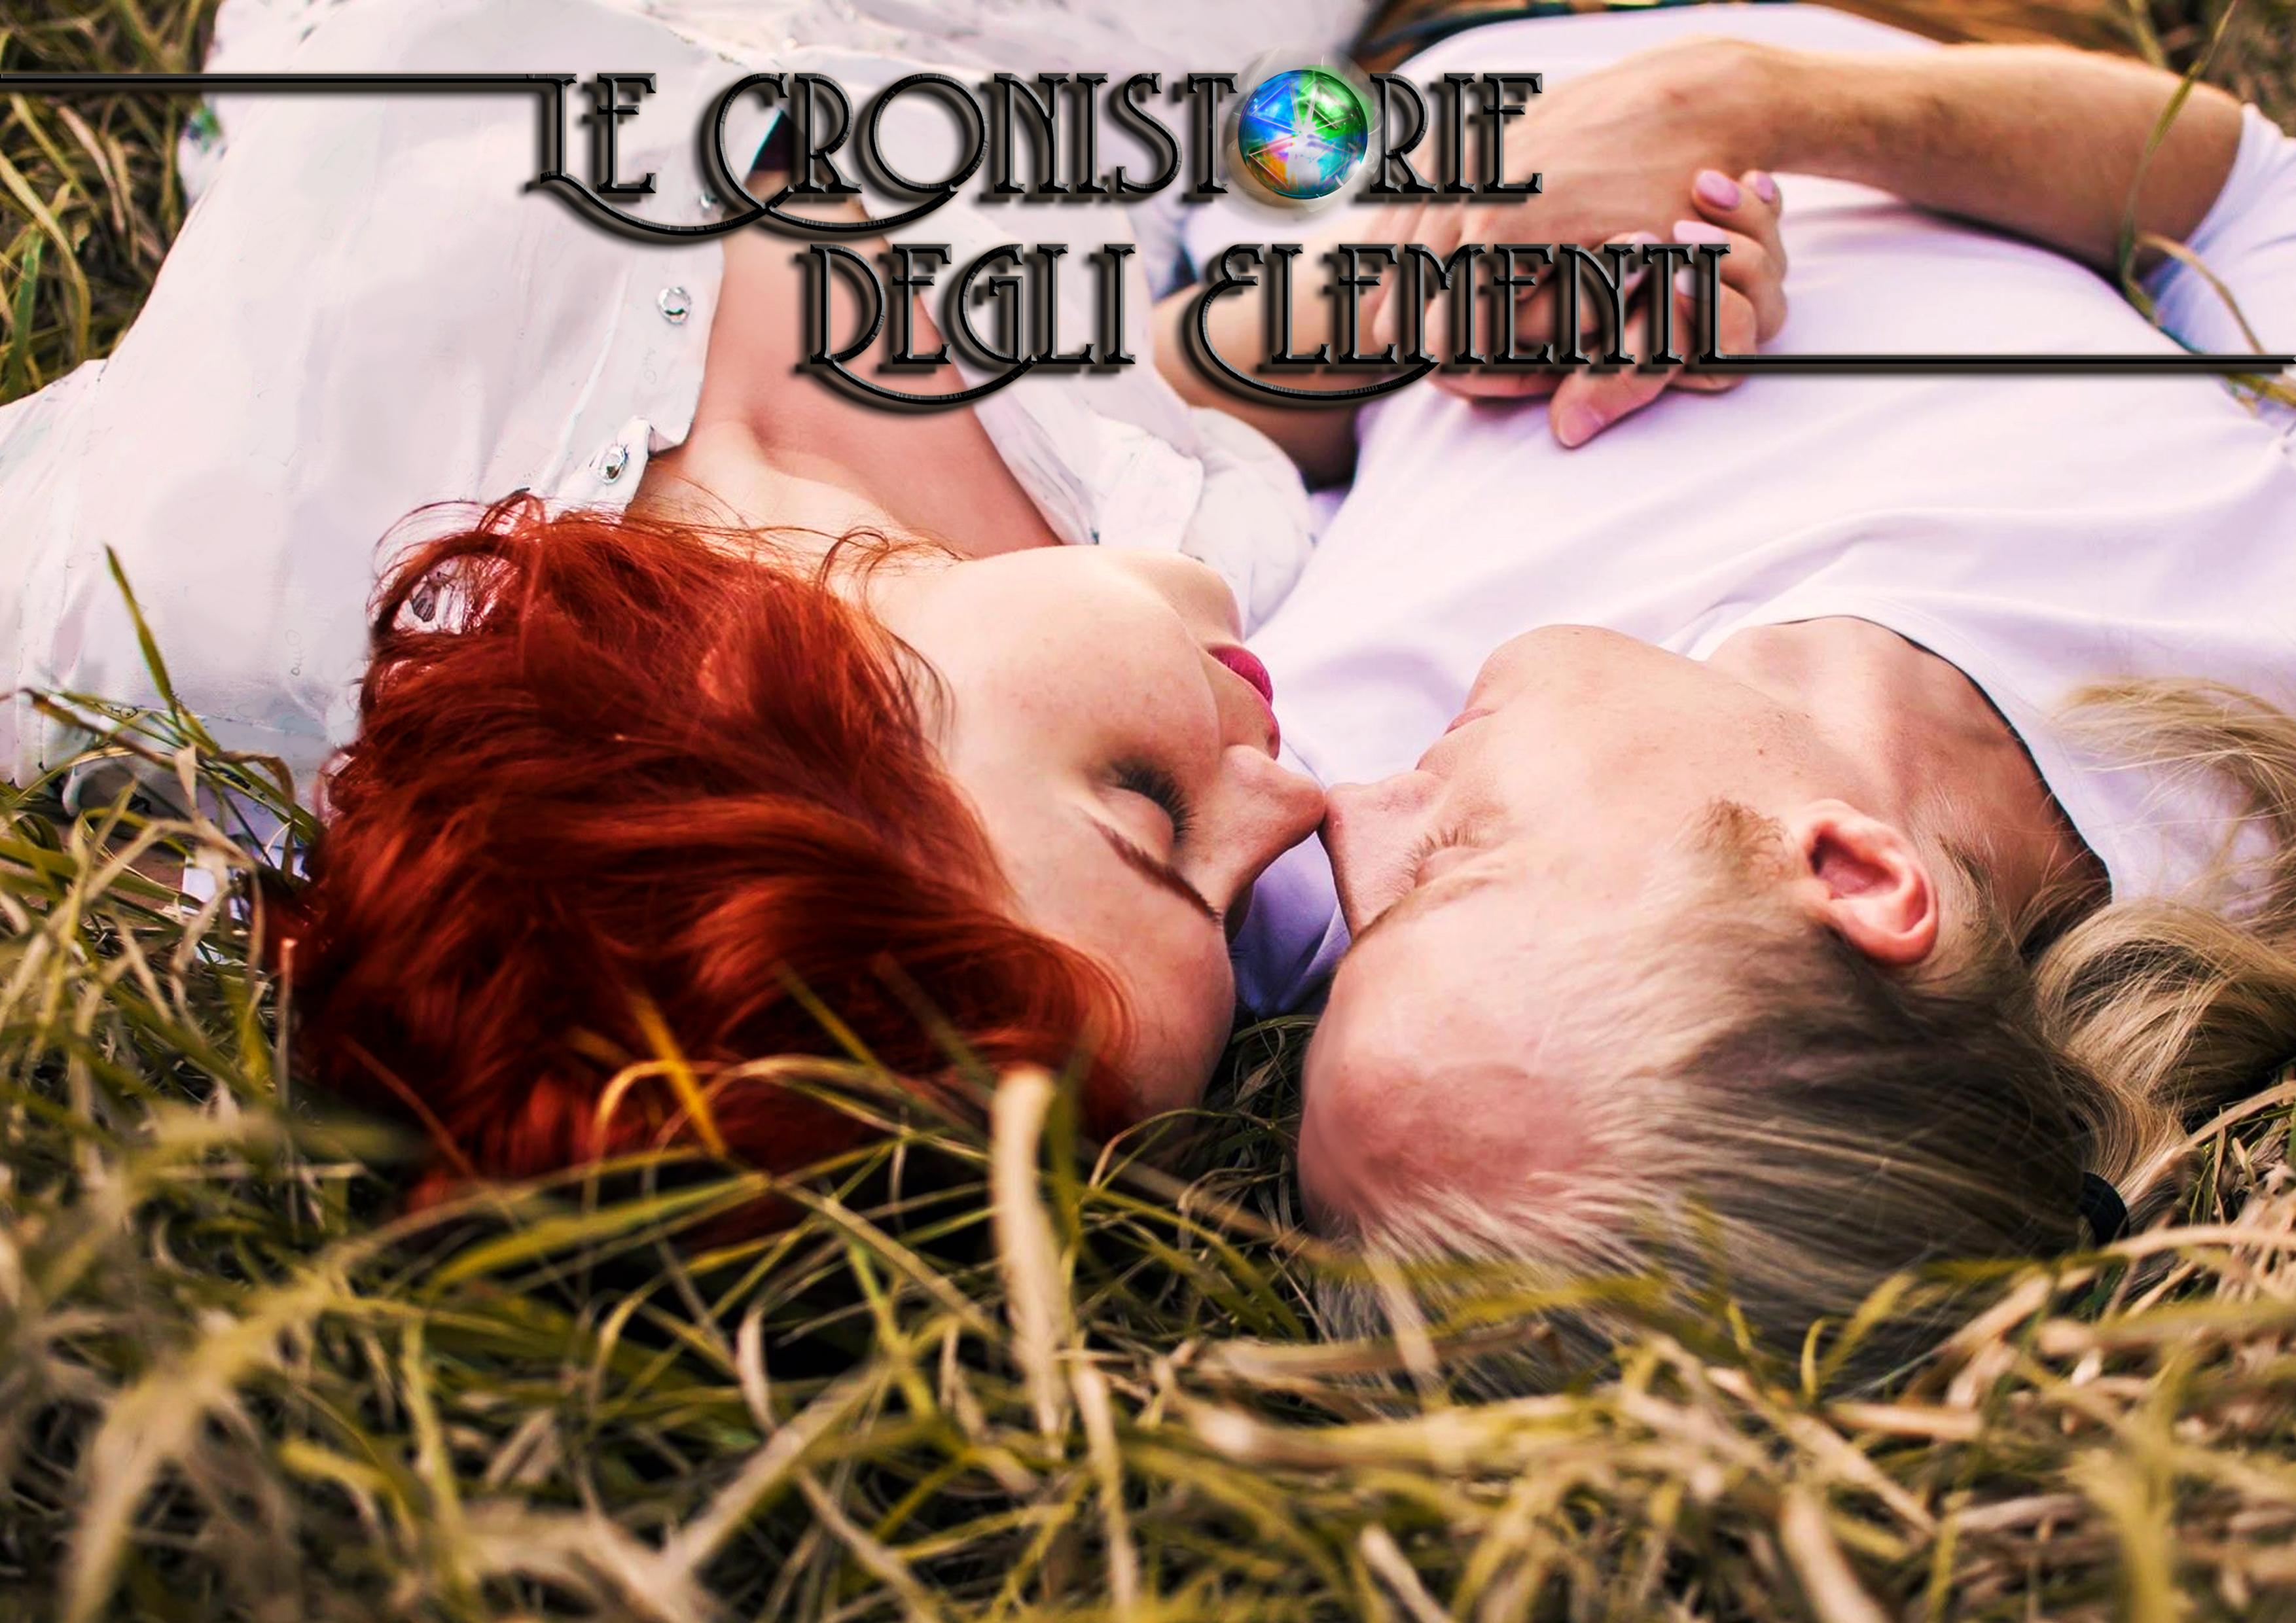 Celine e Aidan - Le Cronistorie degli Elementi saga